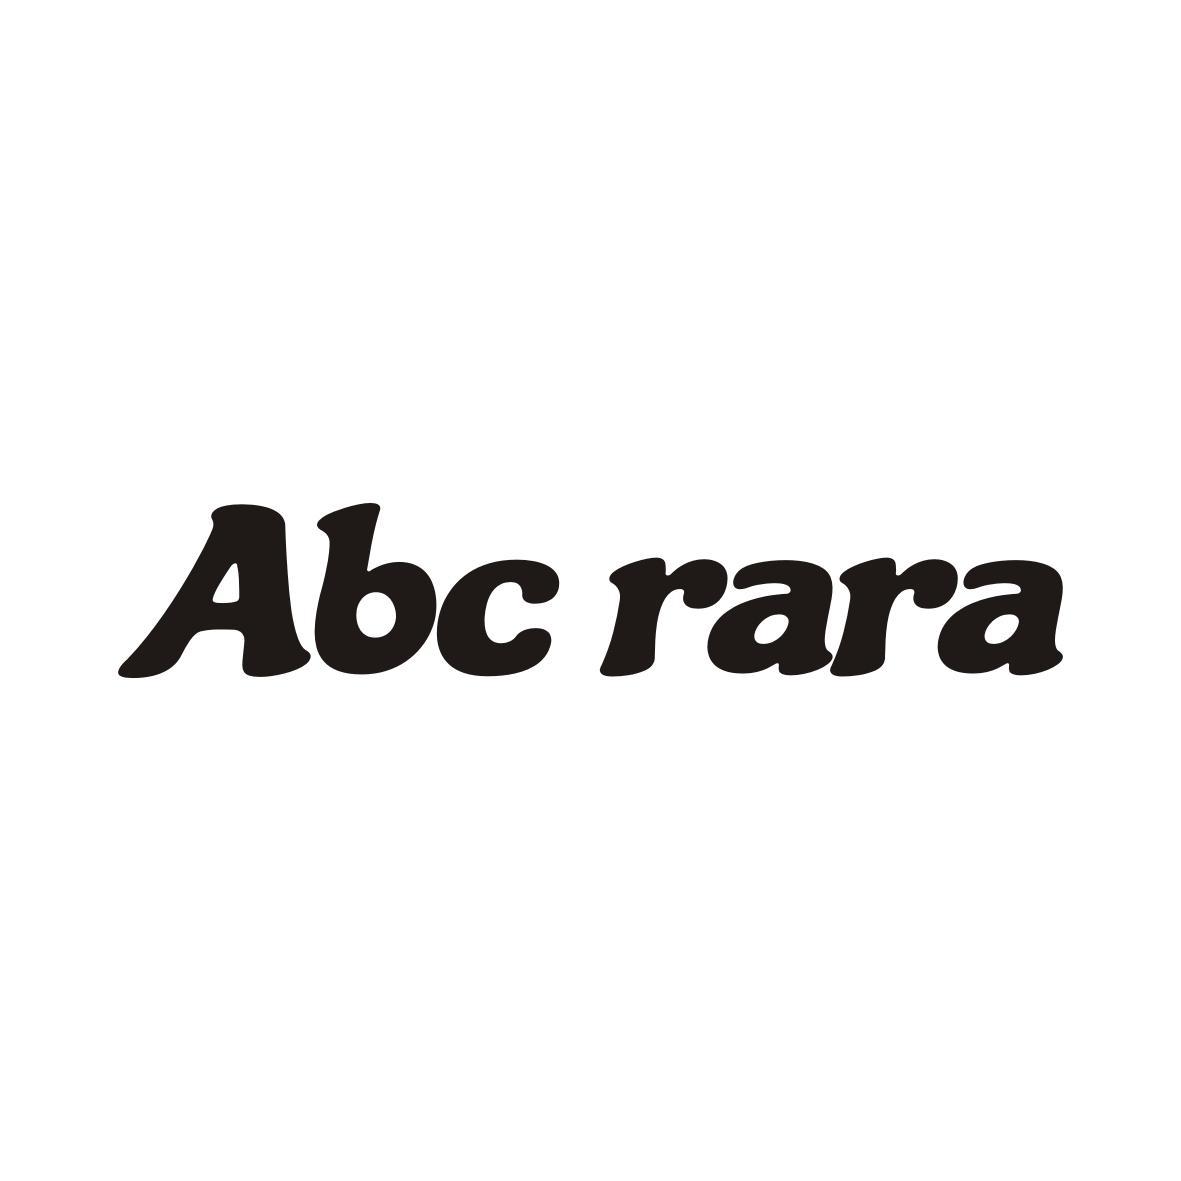 24类-纺织制品ABC RARA商标转让